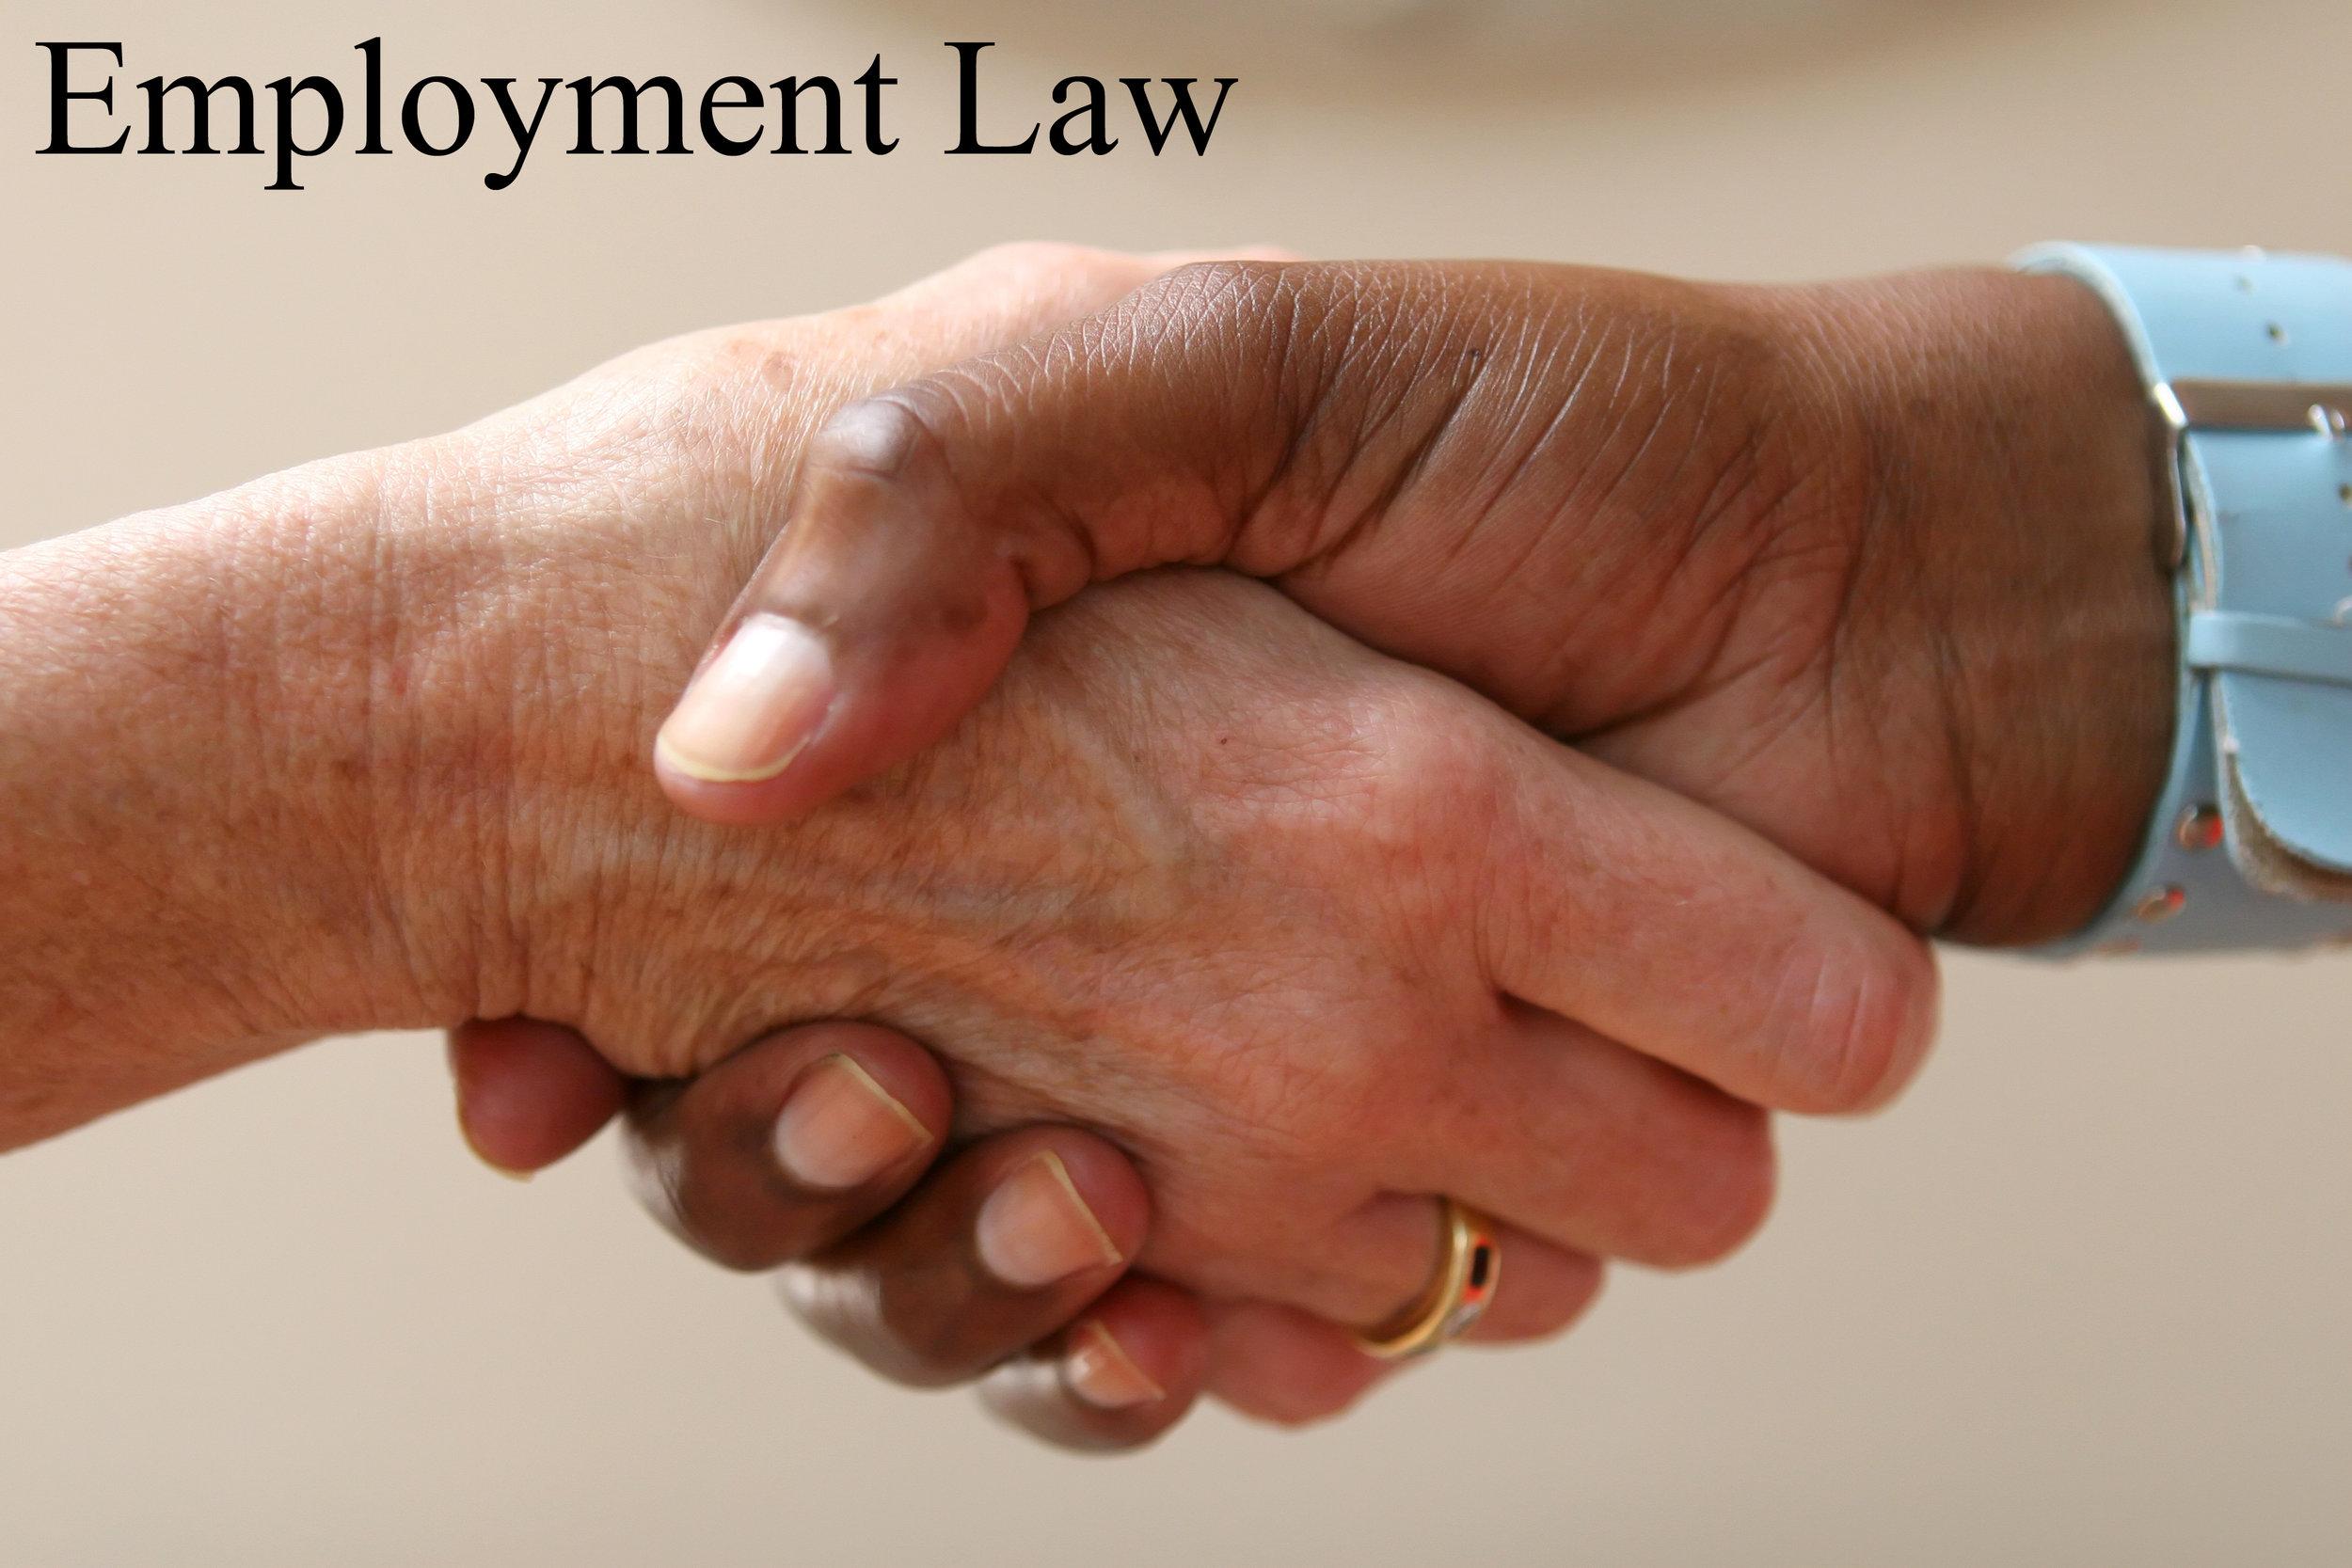 Employment Law copy.jpg